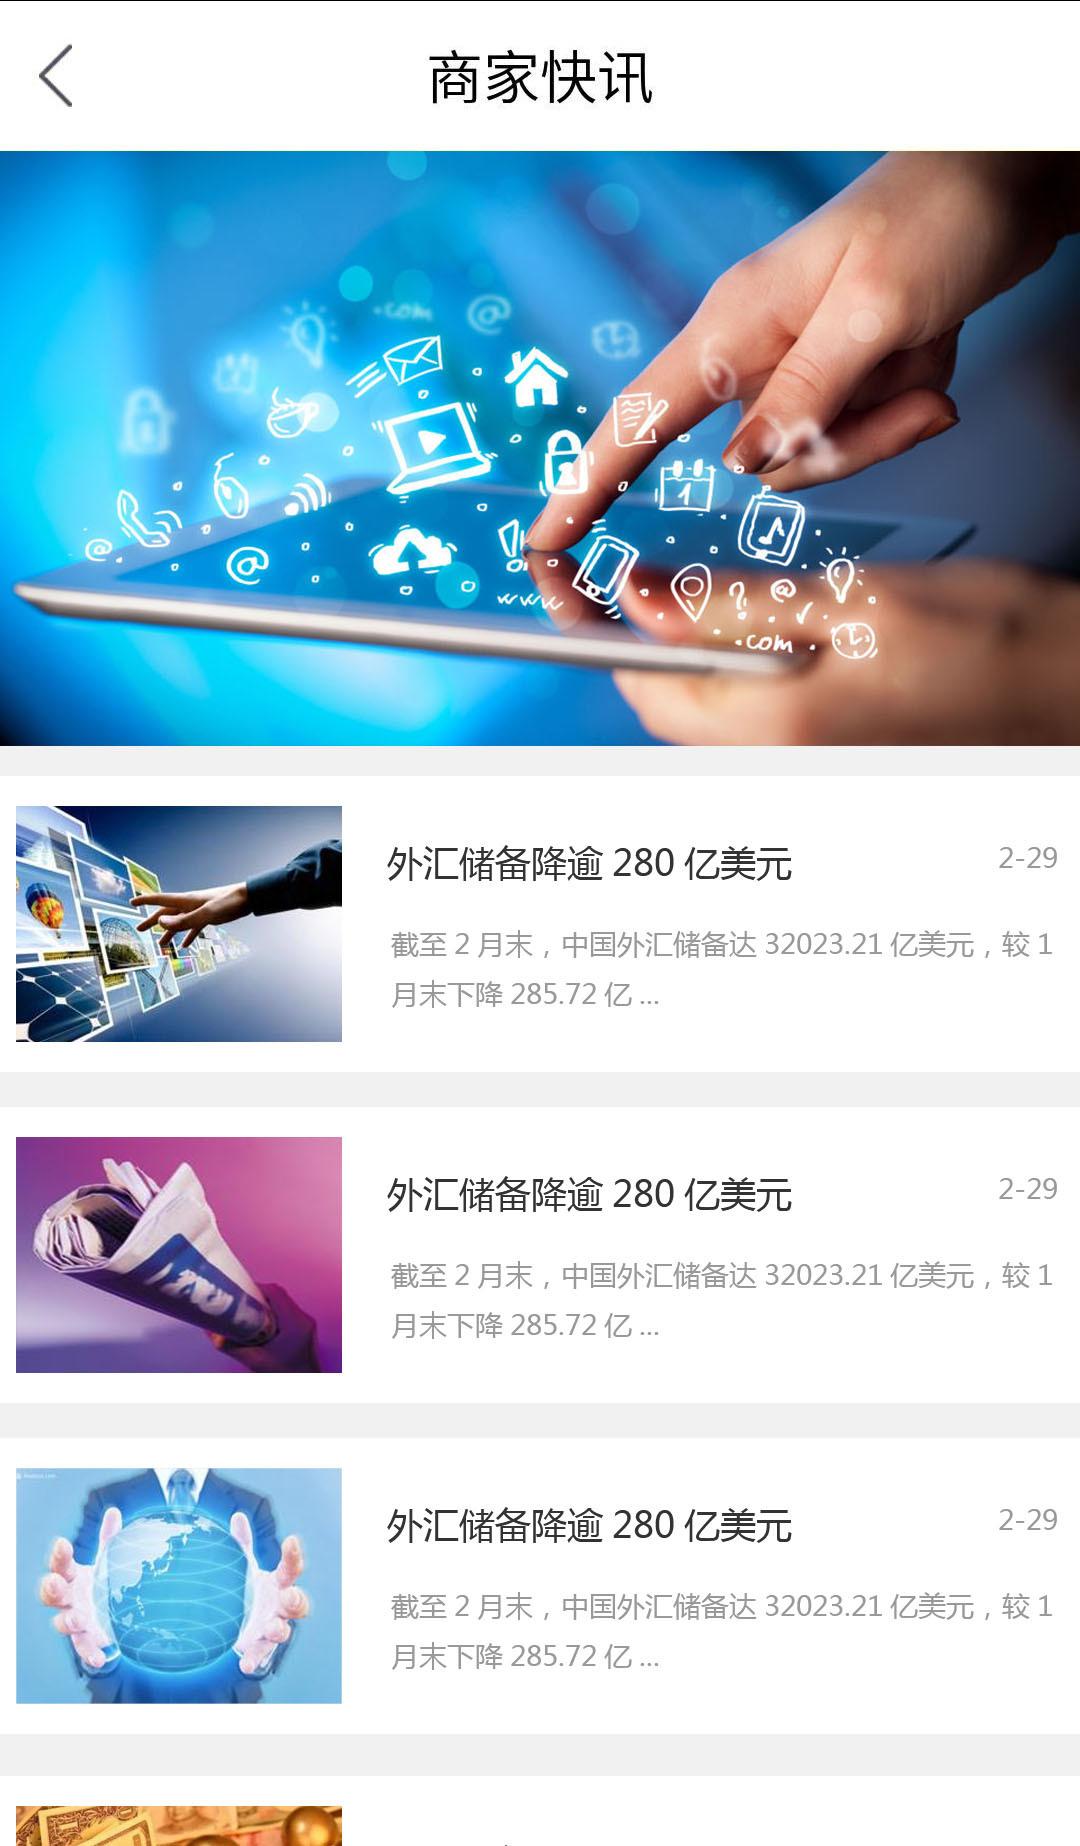 优亿金融手机版下载app图3: